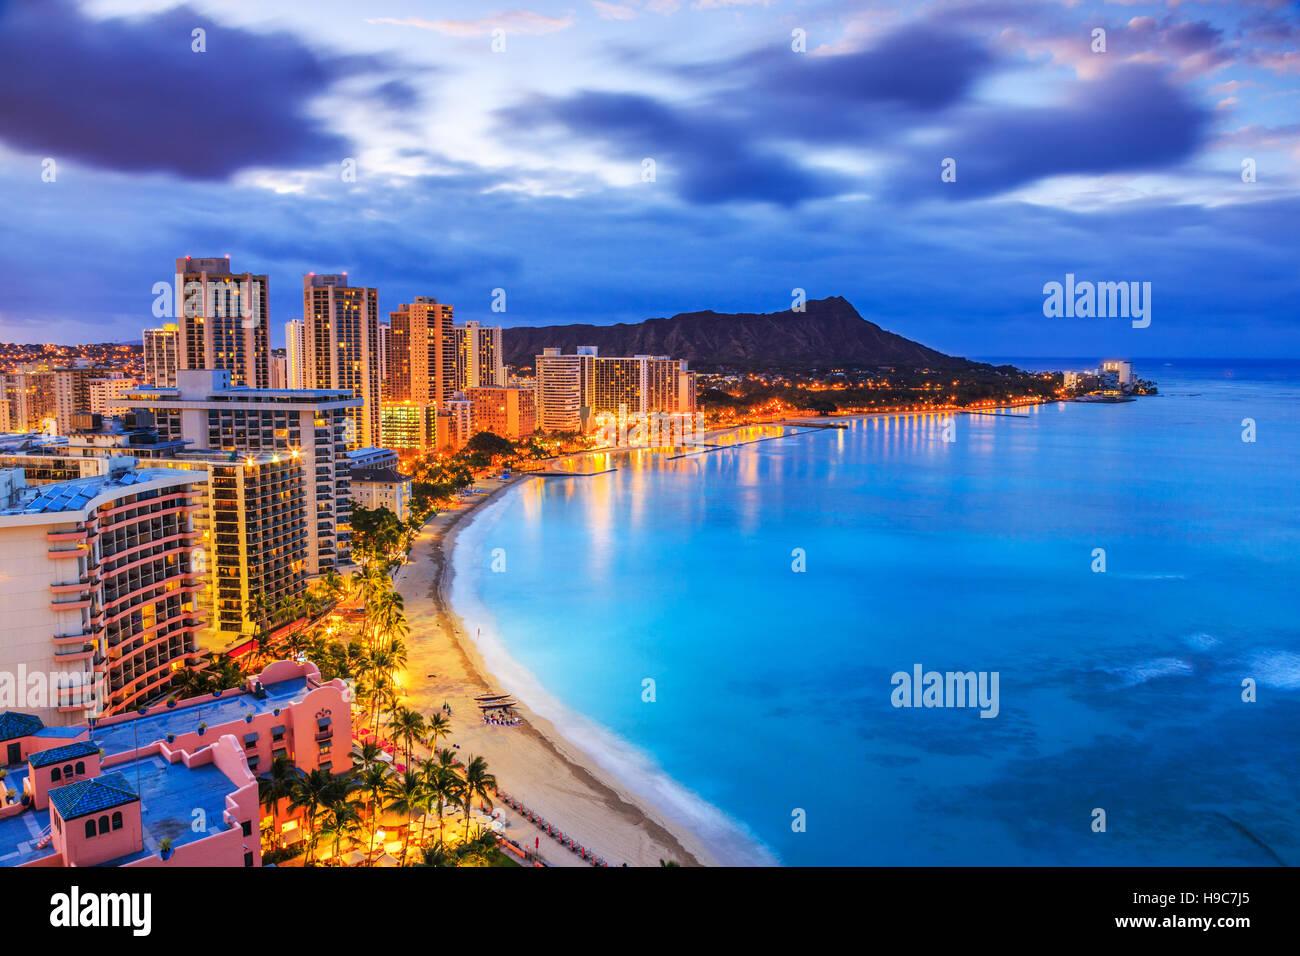 Honolulu, Hawai. Horizonte de Honolulu, incluyendo el volcán Diamond Head hoteles y edificios en la playa de Waikiki. Foto de stock